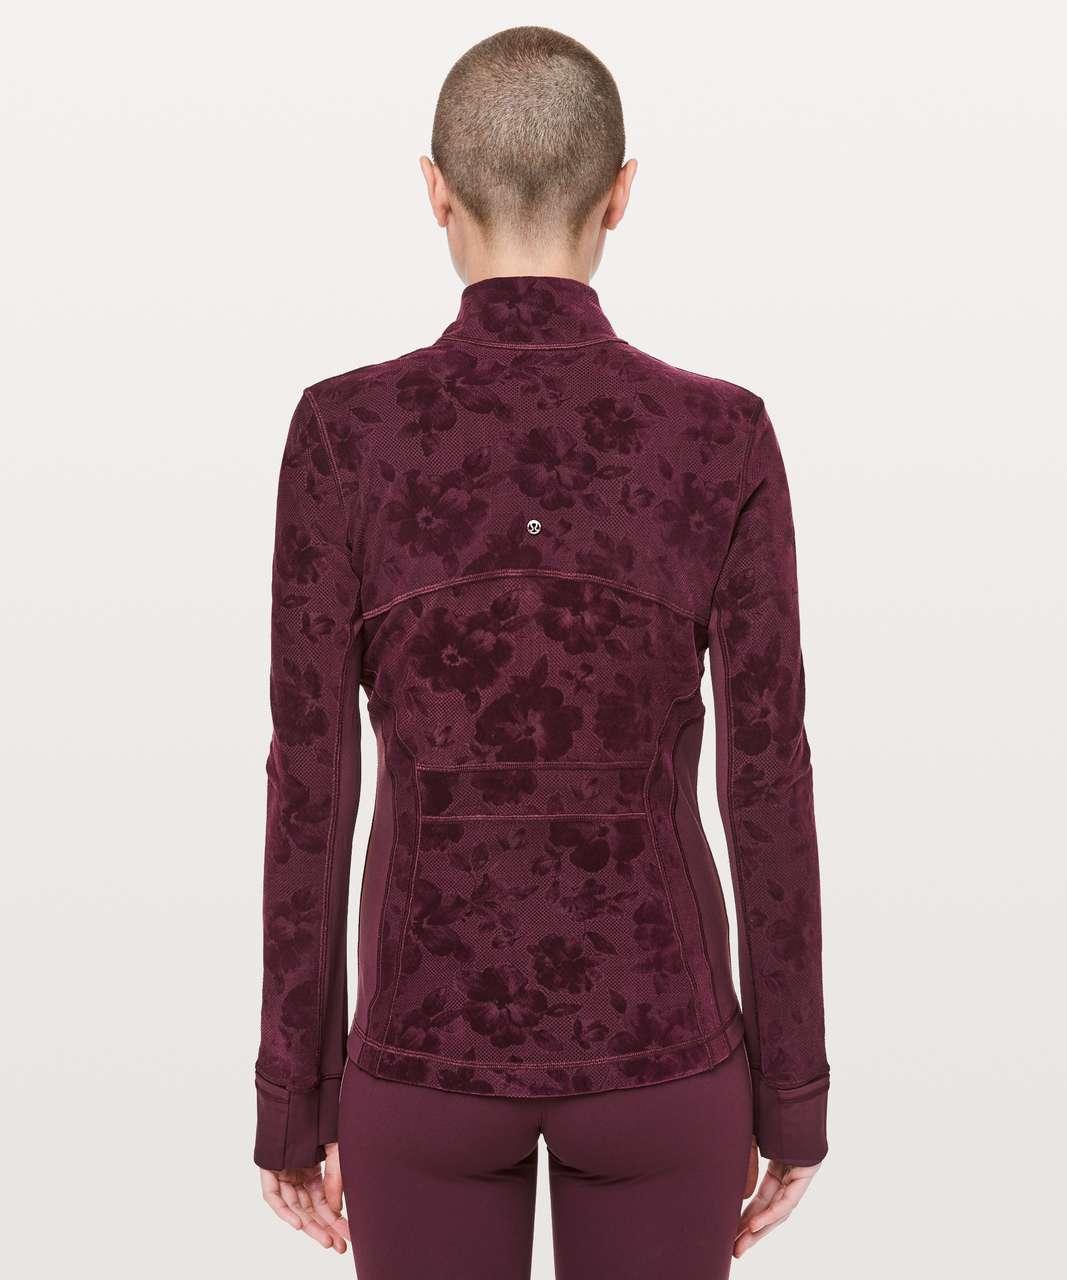 Lululemon Define Jacket Flocked - Dark Adobe